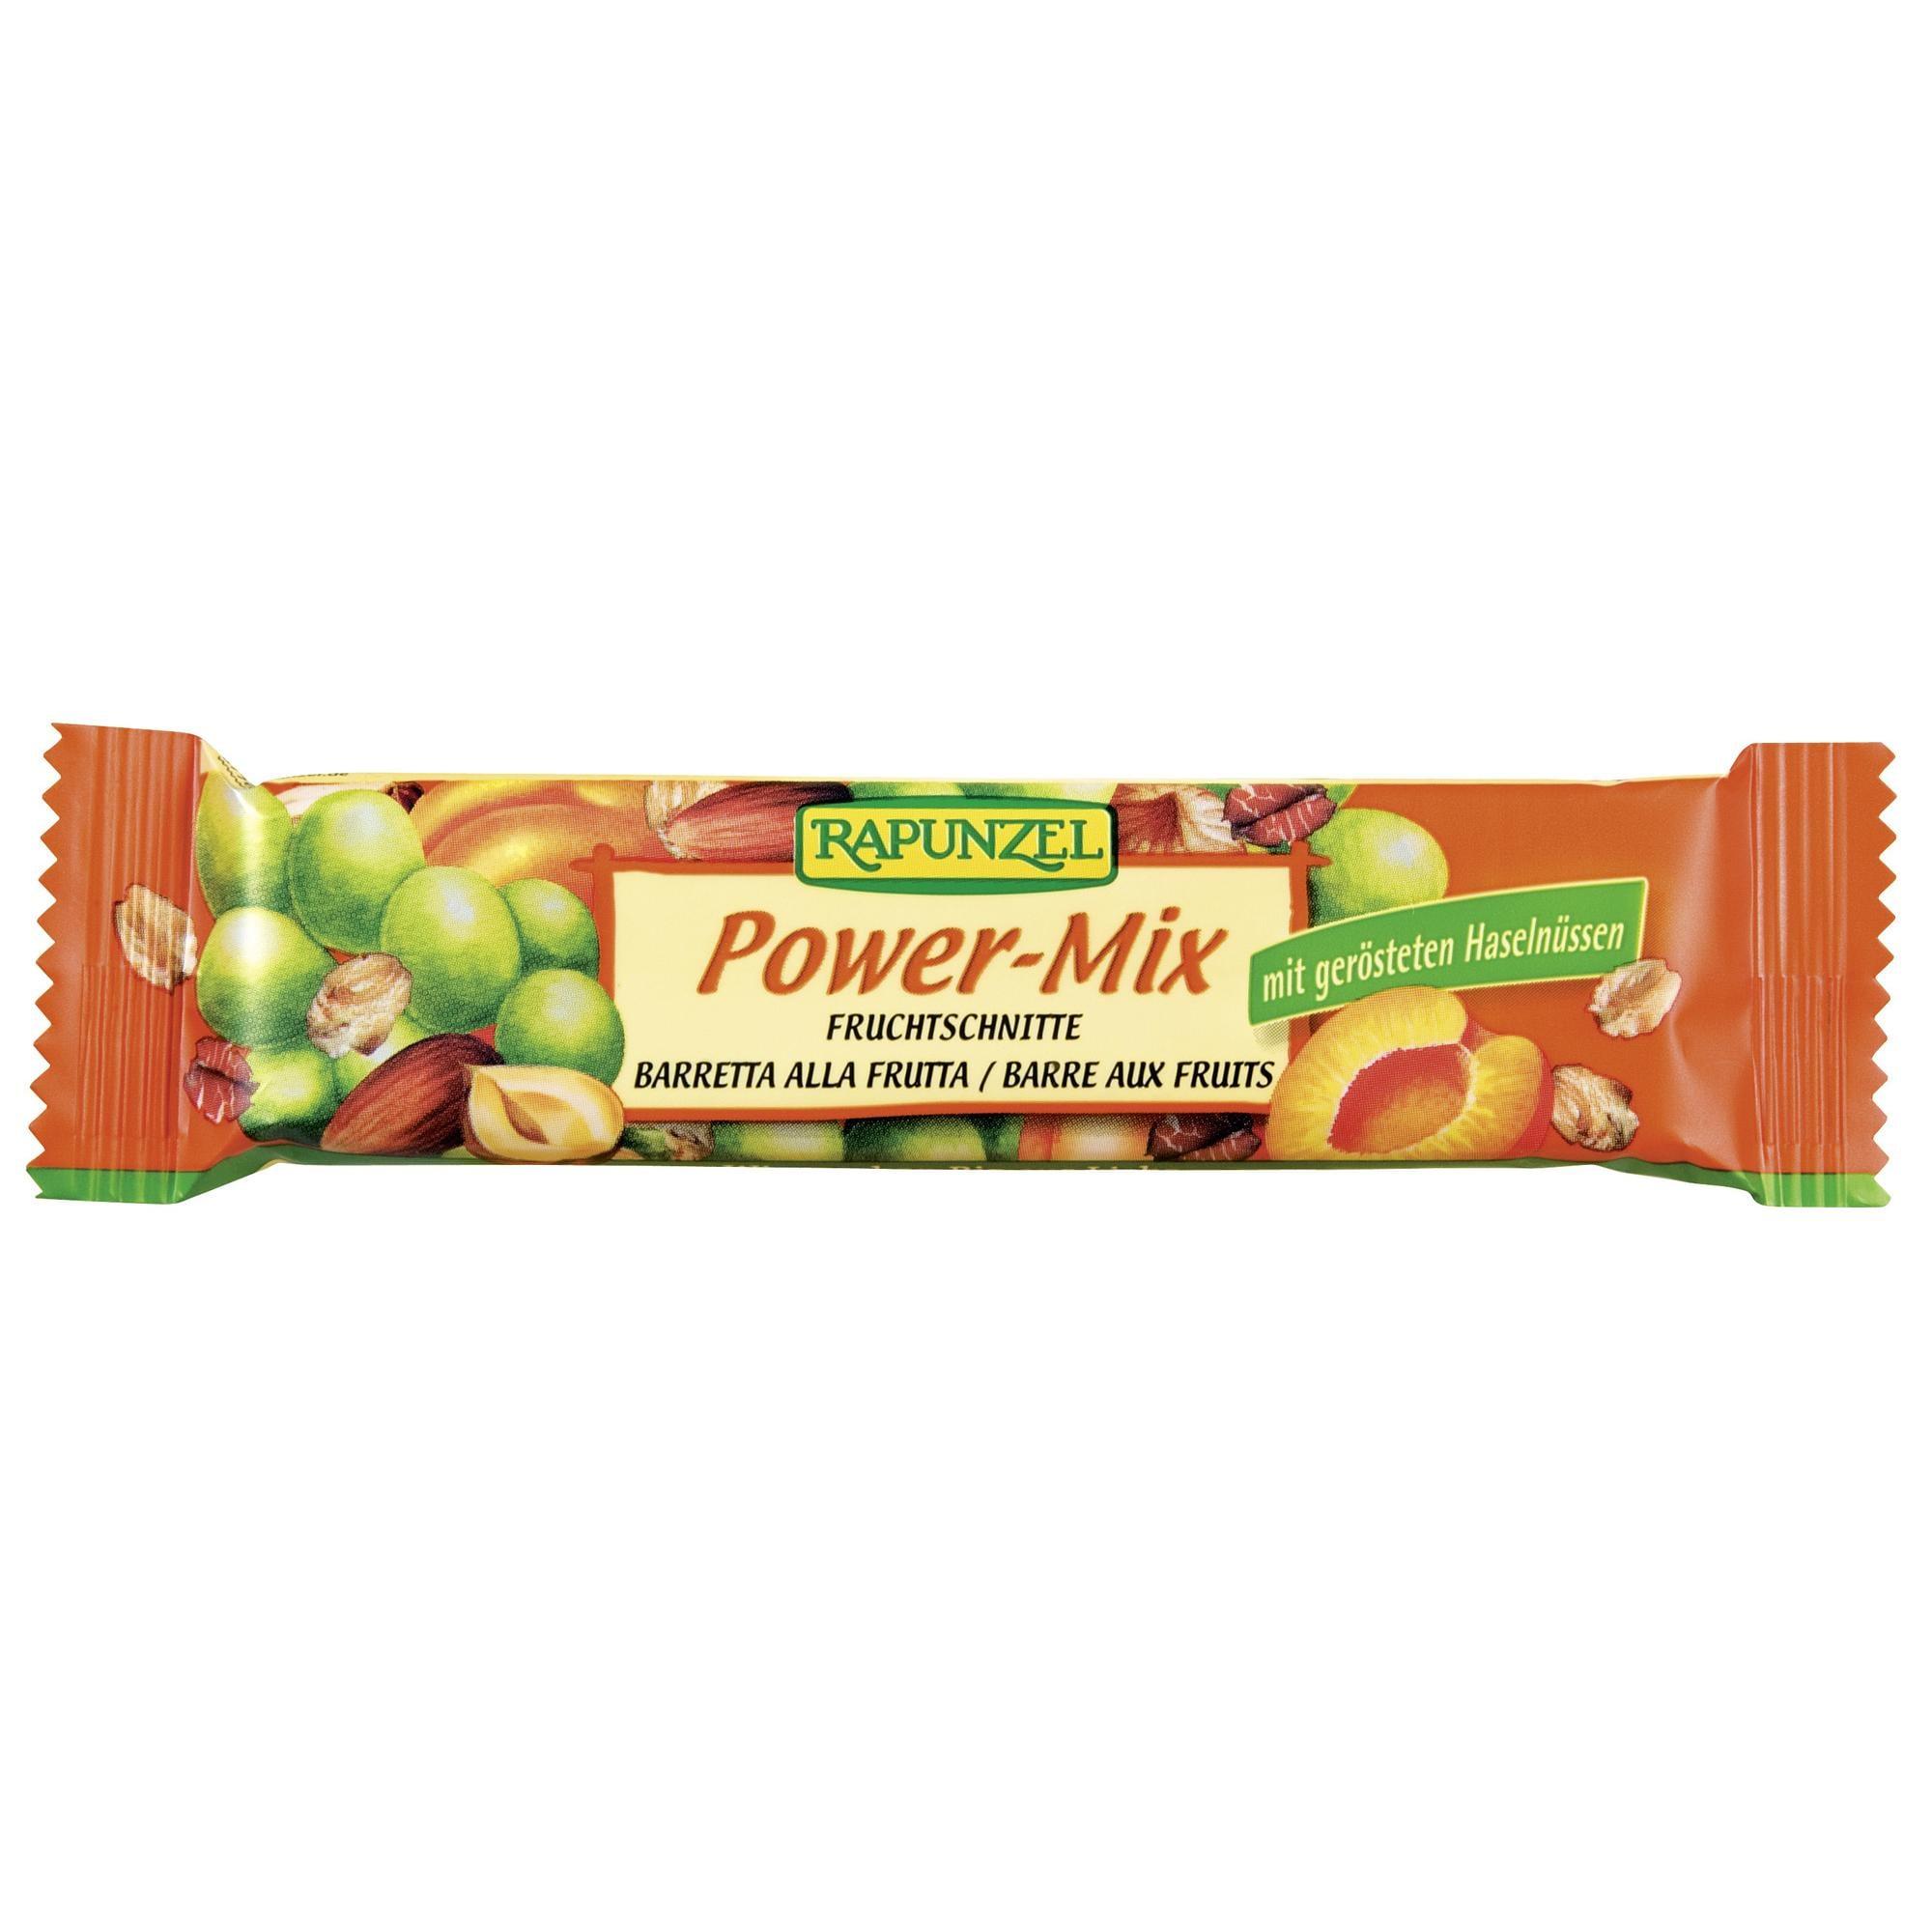 Rapunzel Bio Fruchtschnitte Power-Mix 40g